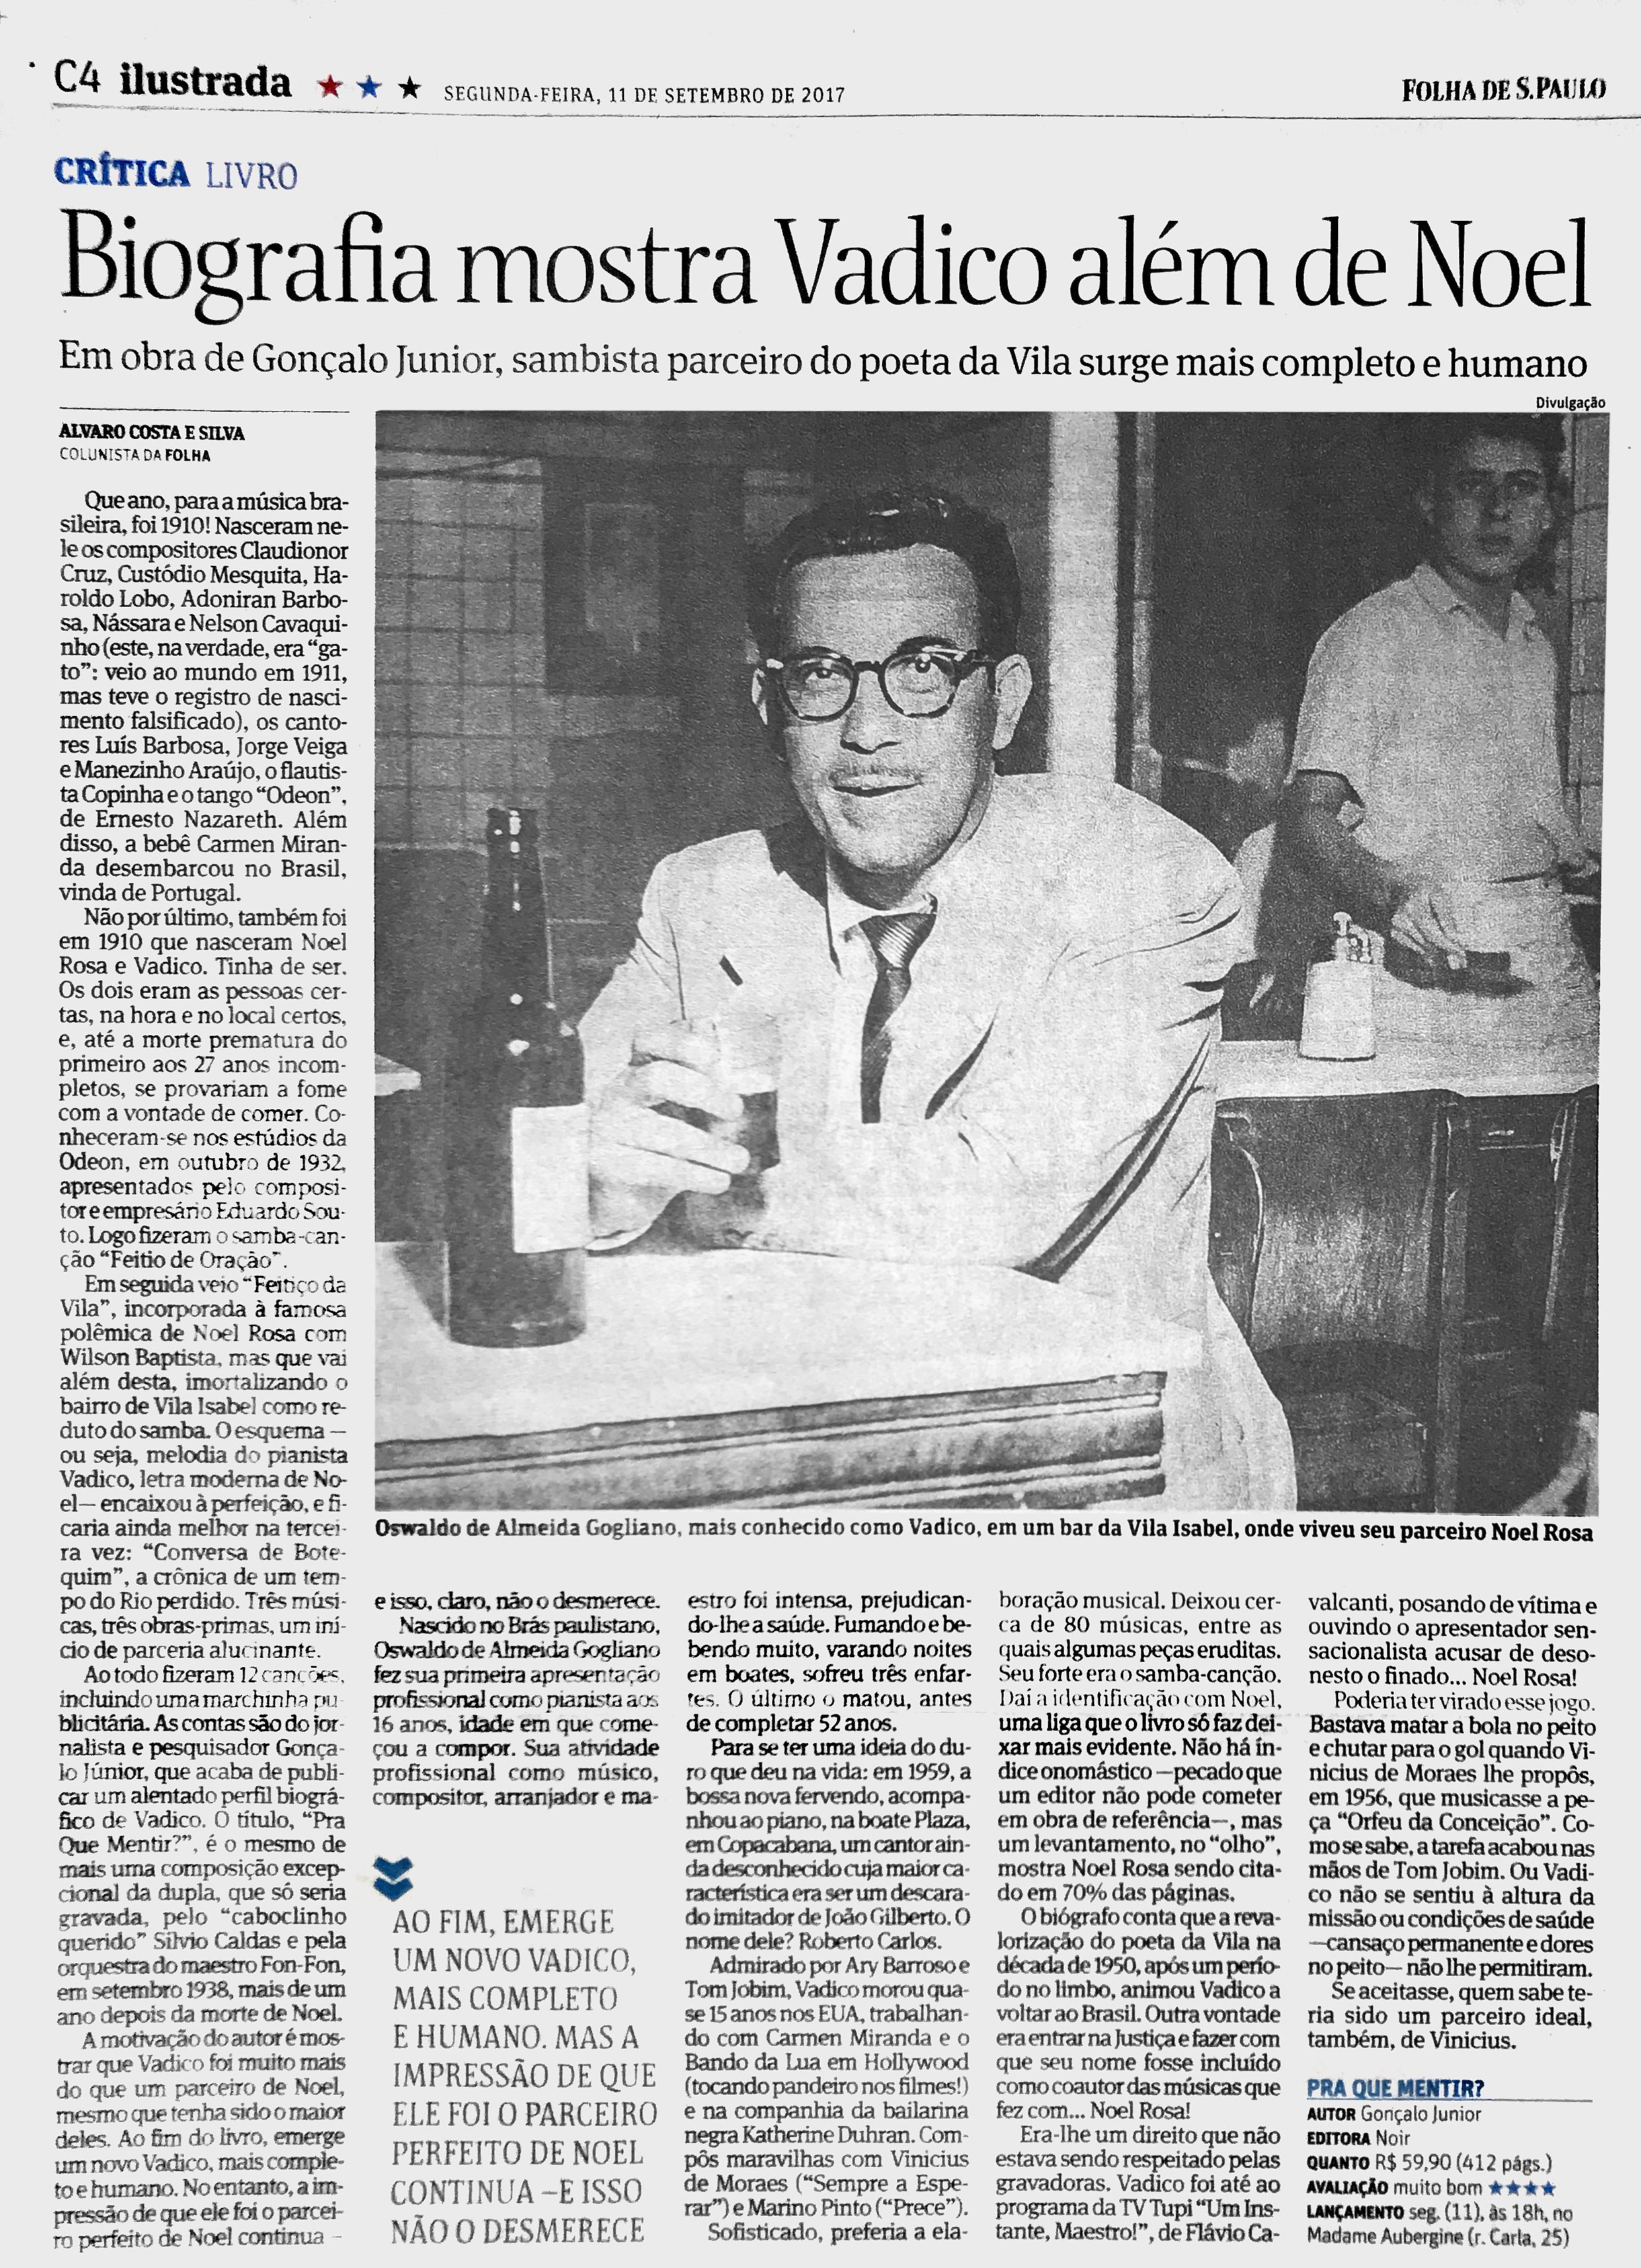 Folha de São Paulo  São Paulo – 11/9/2017